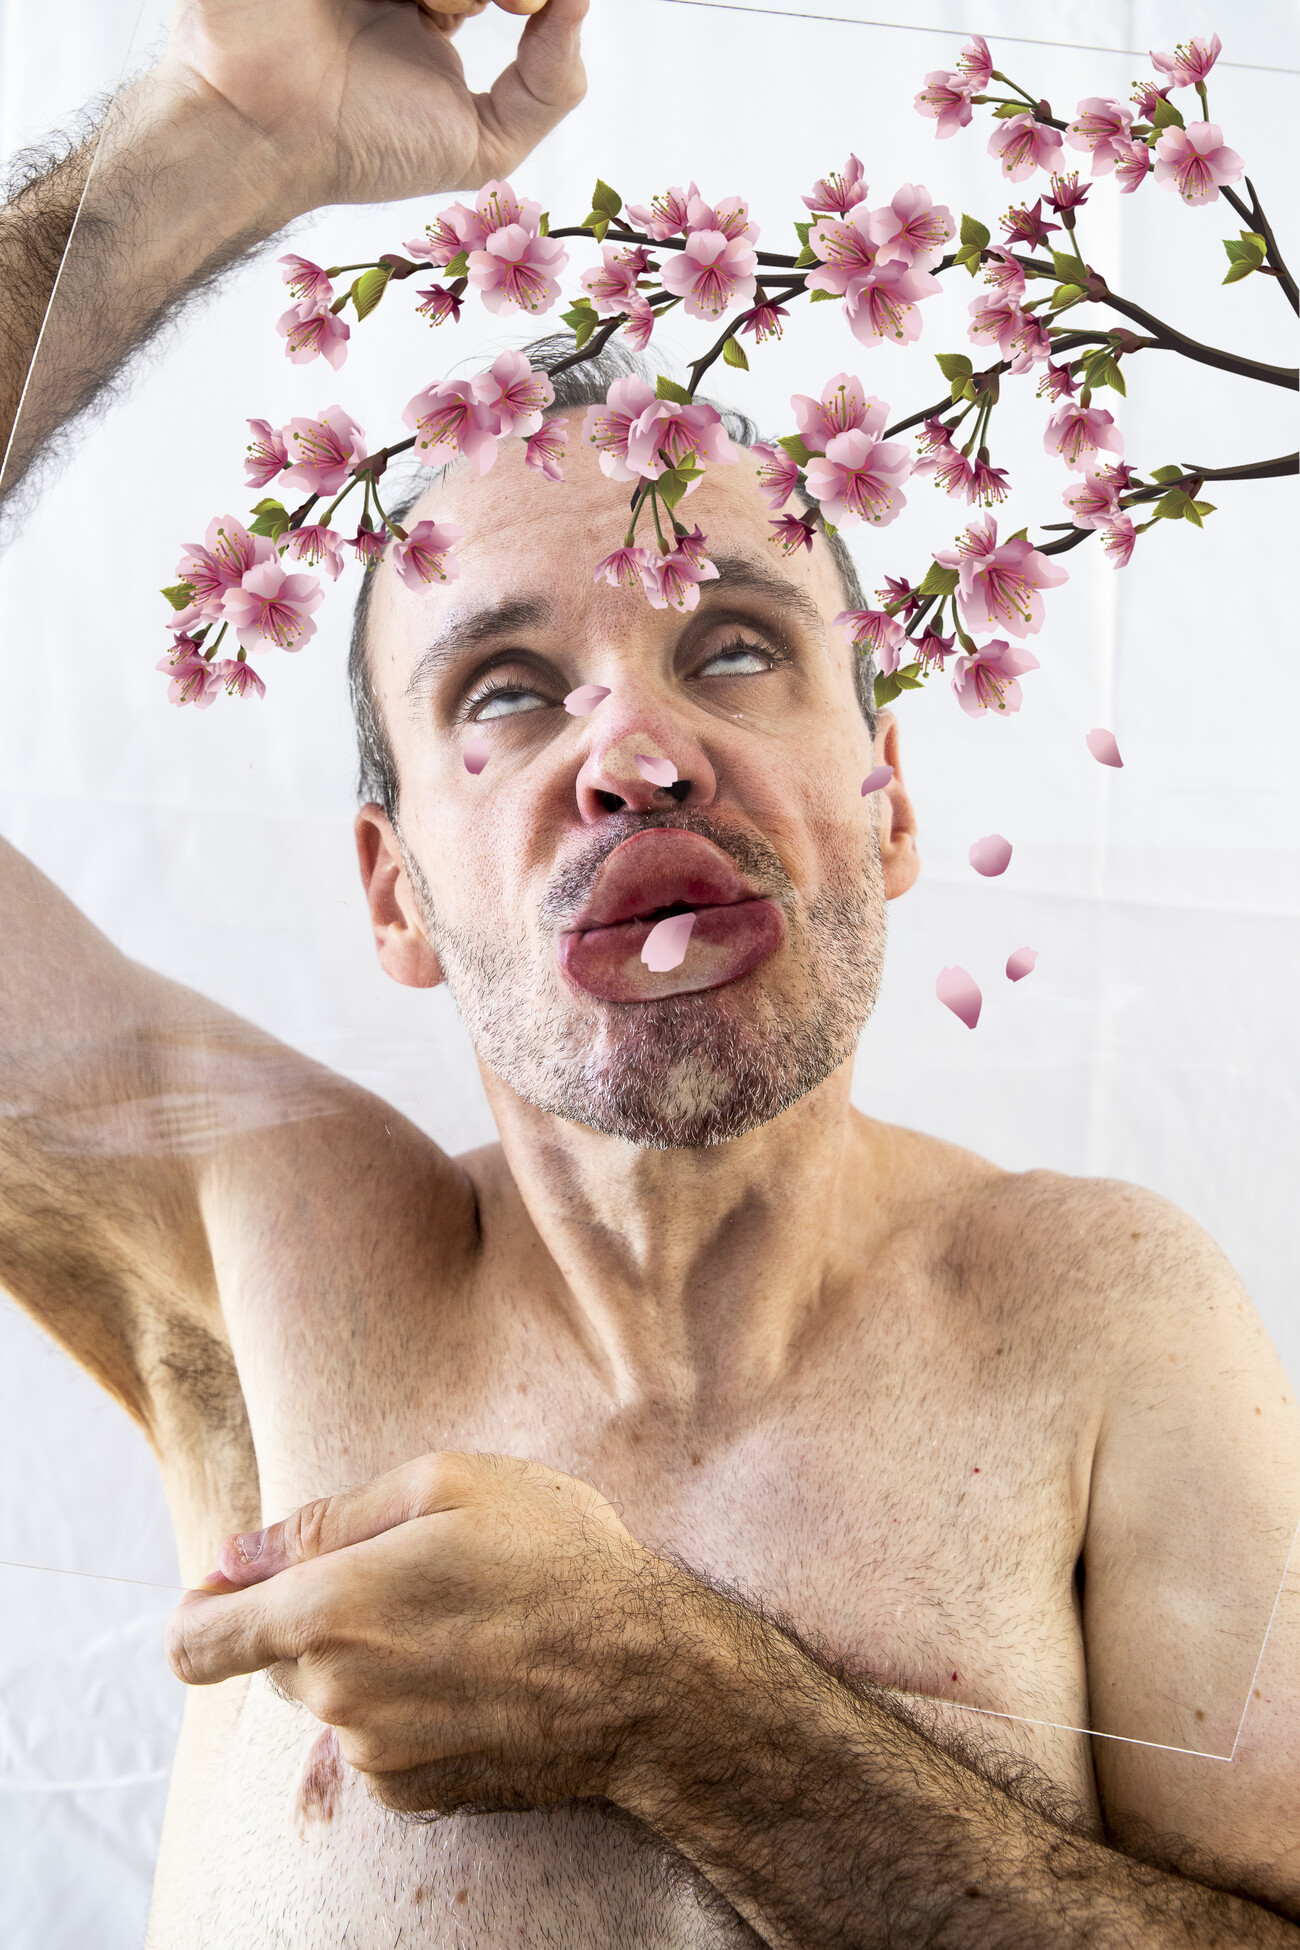 Steve Giasson. Performance invisible n° 182 (Décorer la vie (virtuelle) des autres). D'après Ana Mendieta. Untitled (Glass on Body Imprints). 1972. D'après Pipilotti Rist. Open My Glade (Flatten). 1er-31 janvier 2017. D'après Louise Lawler. Salon Hodler (Cherry Blossoms GIF). 1992/1993/2015. D'aprèsLouise Lawler. Pollyanna (Cherry Blossoms GIF). 2007/2008/2015. D'après Louise Lawler. Triangle (Cherry Blossoms GIF). 2008/2009/2015. D'après Steve Giasson. Performance invisible n° 181 (Faire impression (malgré tout)). 7-8 août 2020. Performeur : Steve Giasson. Crédit photographique : Martin Vinette et Steve Giasson (GIF). Retouches photographiques : Daniel Roy. 5 octobre 2020.